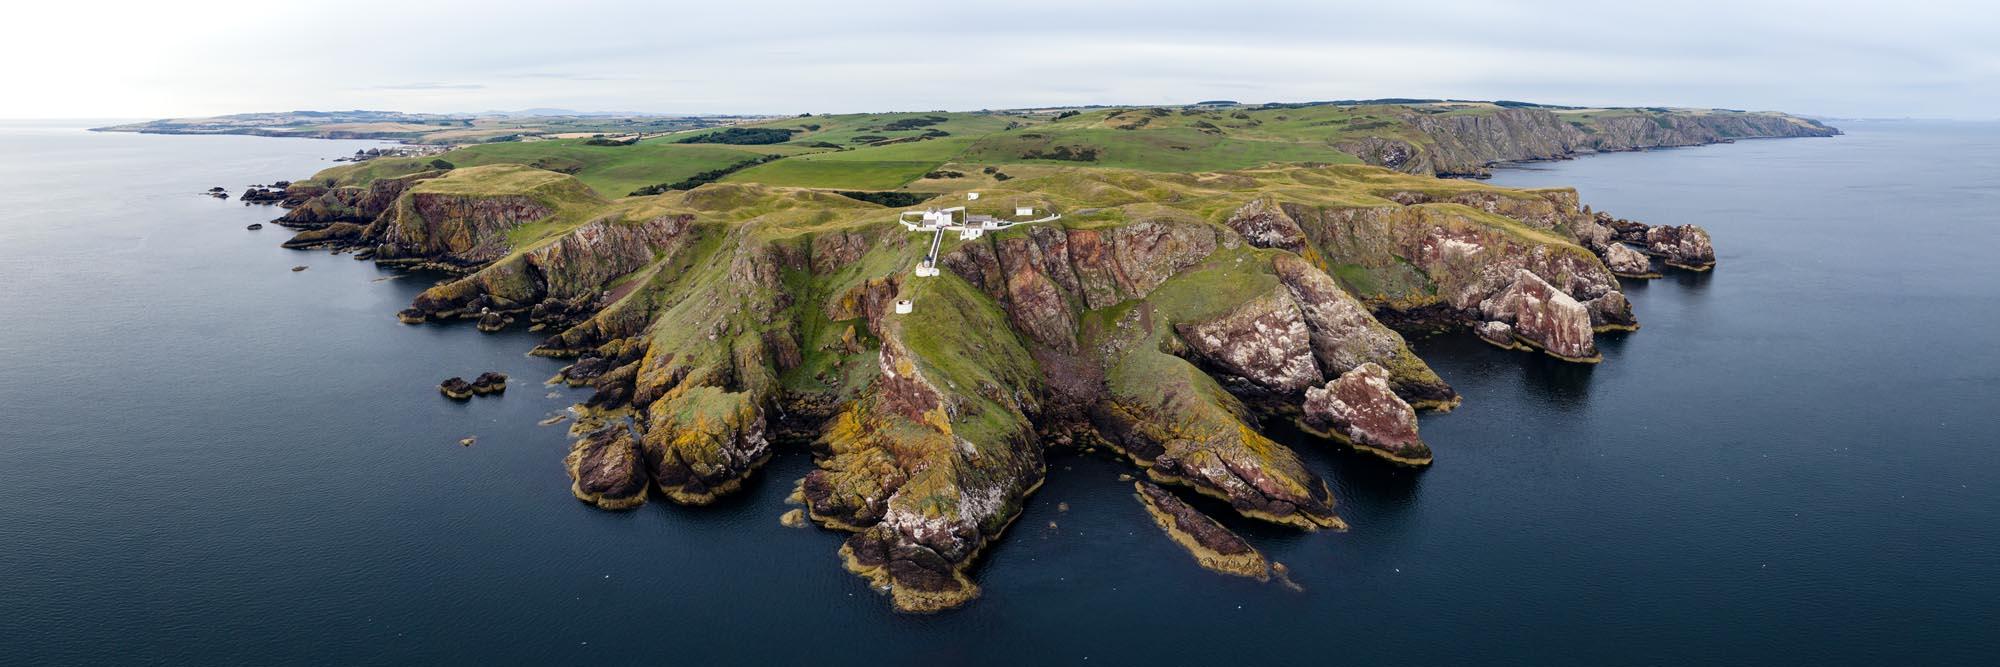 Scottish rugged coast and lighthouse